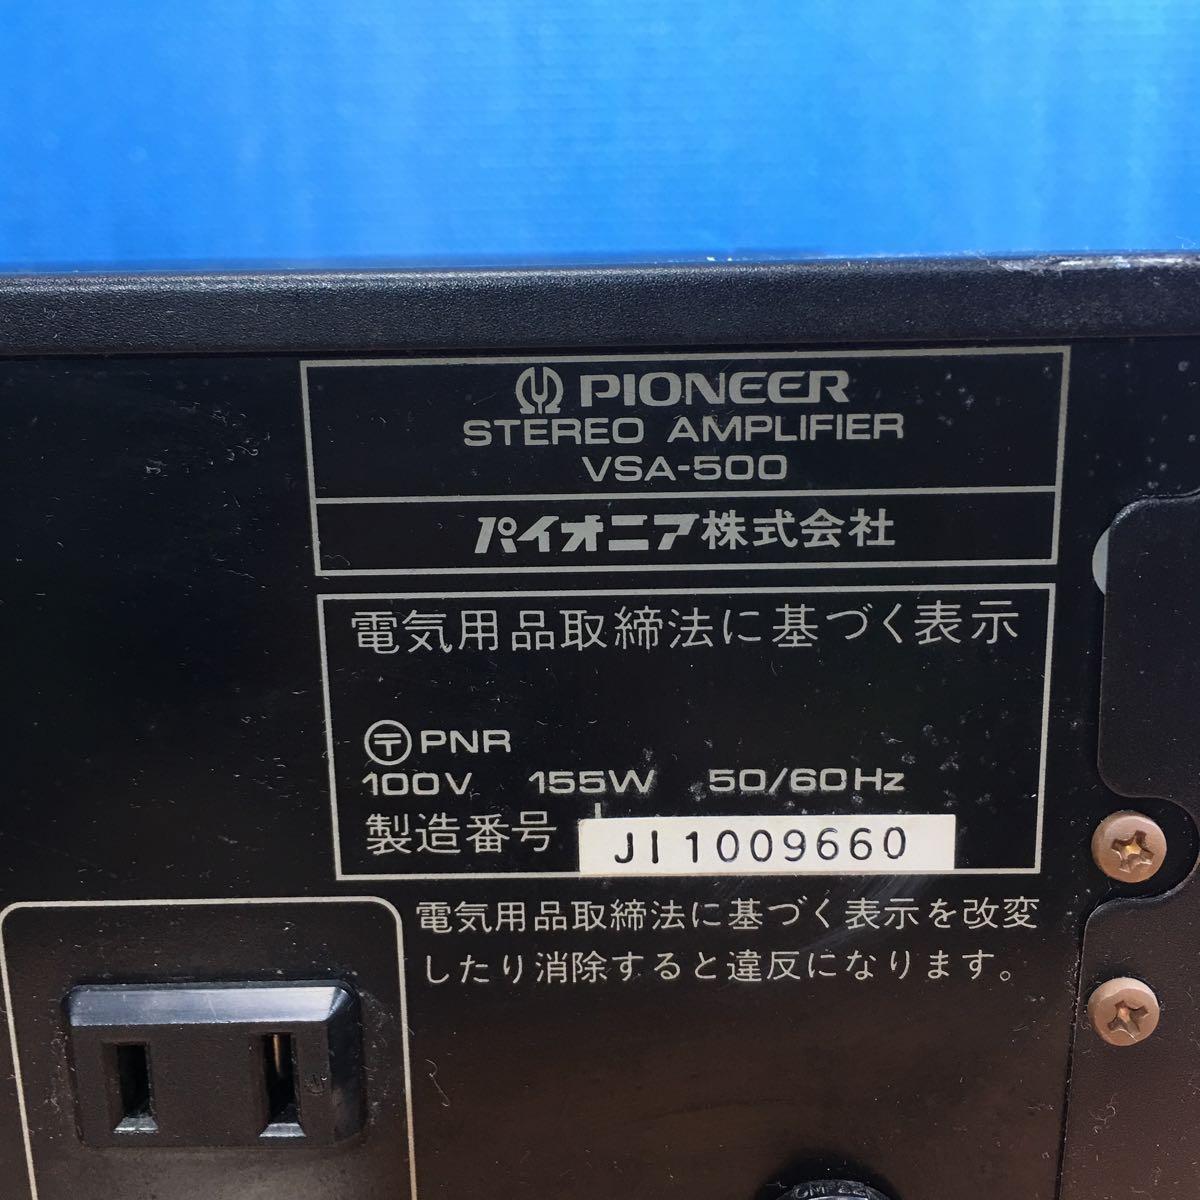 P IONEER AV デジタル サラウンド アンプ VSA-500 Ⅱ_画像8